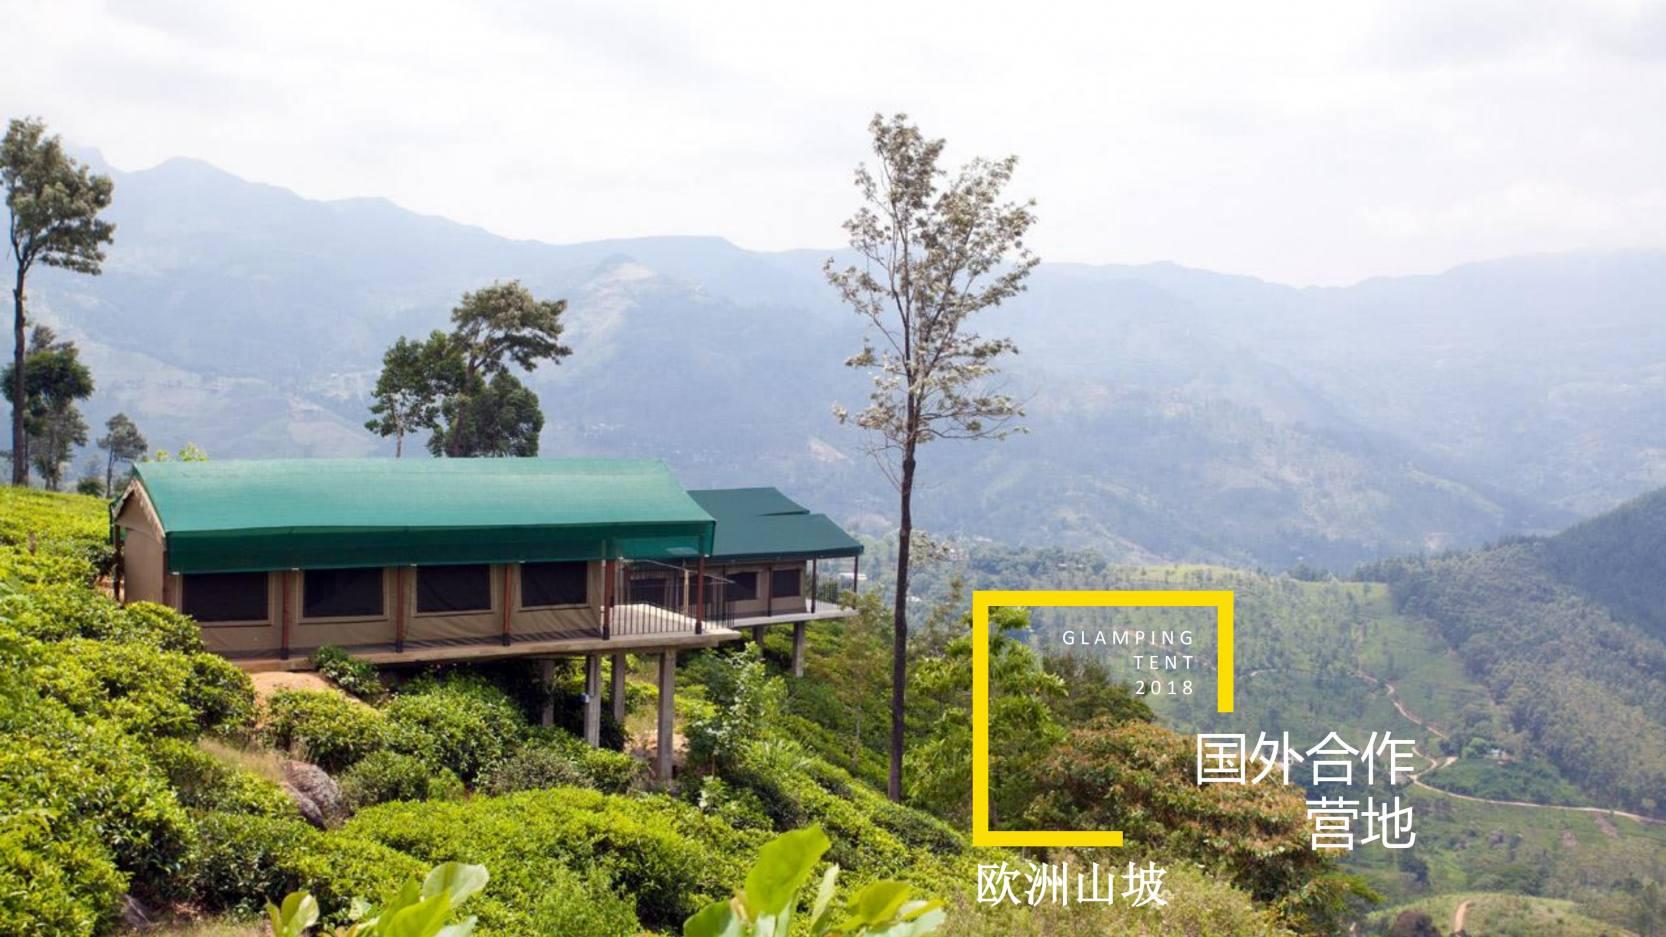 喜马拉雅野奢帐篷 (3)